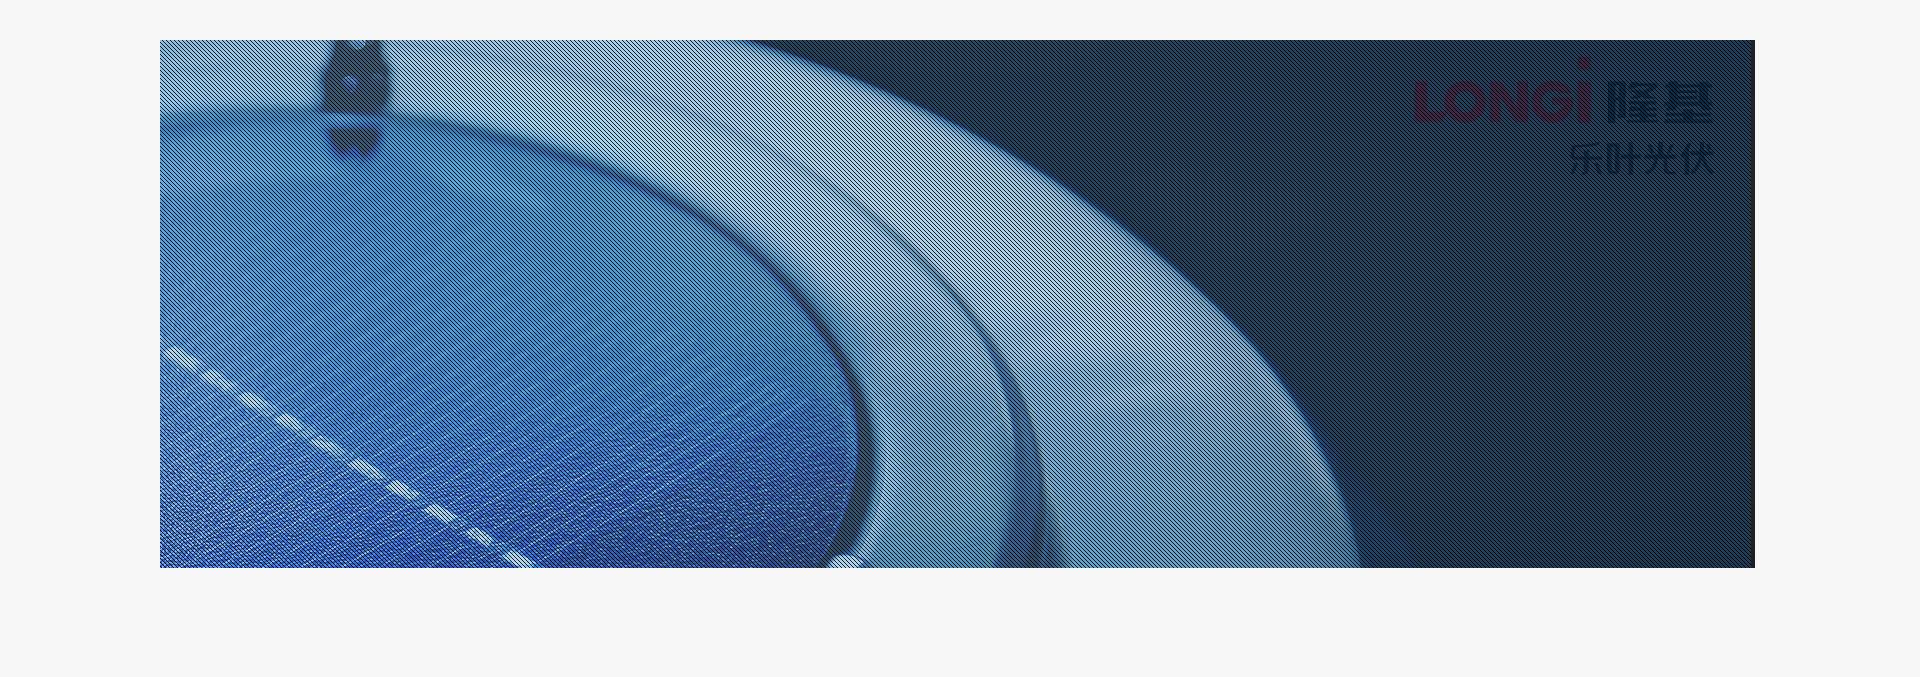 隆基樂葉公司視頻_02.jpg